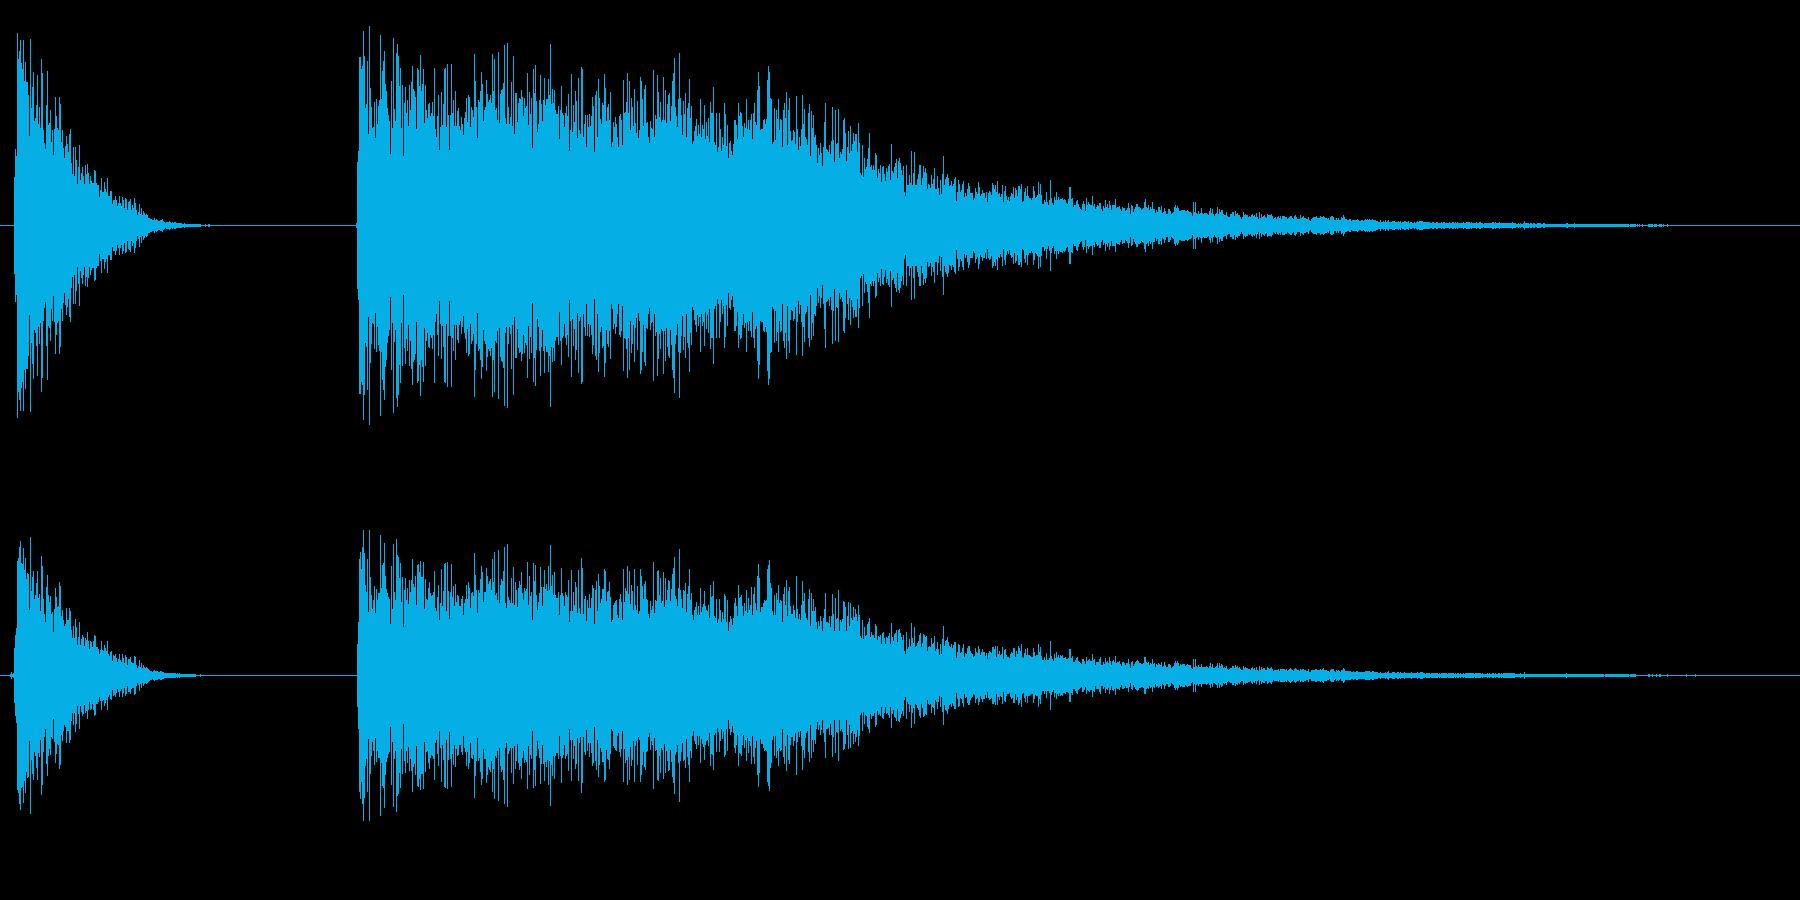 ドラムのハイハット開閉音の再生済みの波形